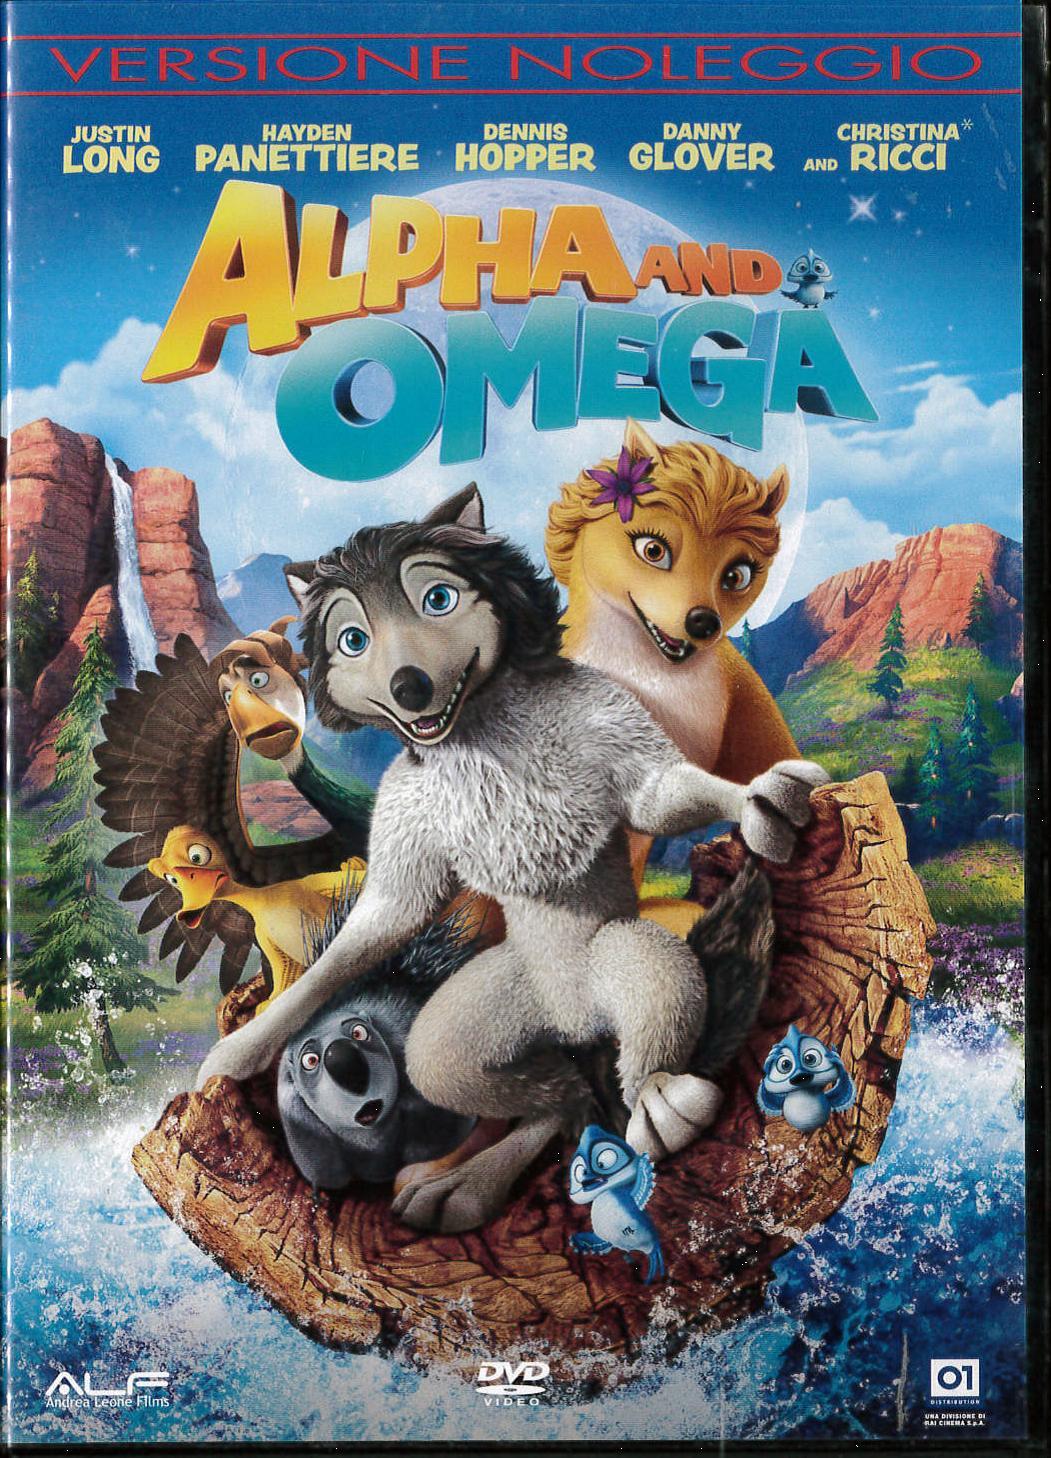 ALFA AND OMEGA - EX NOLEGGIO (DVD)